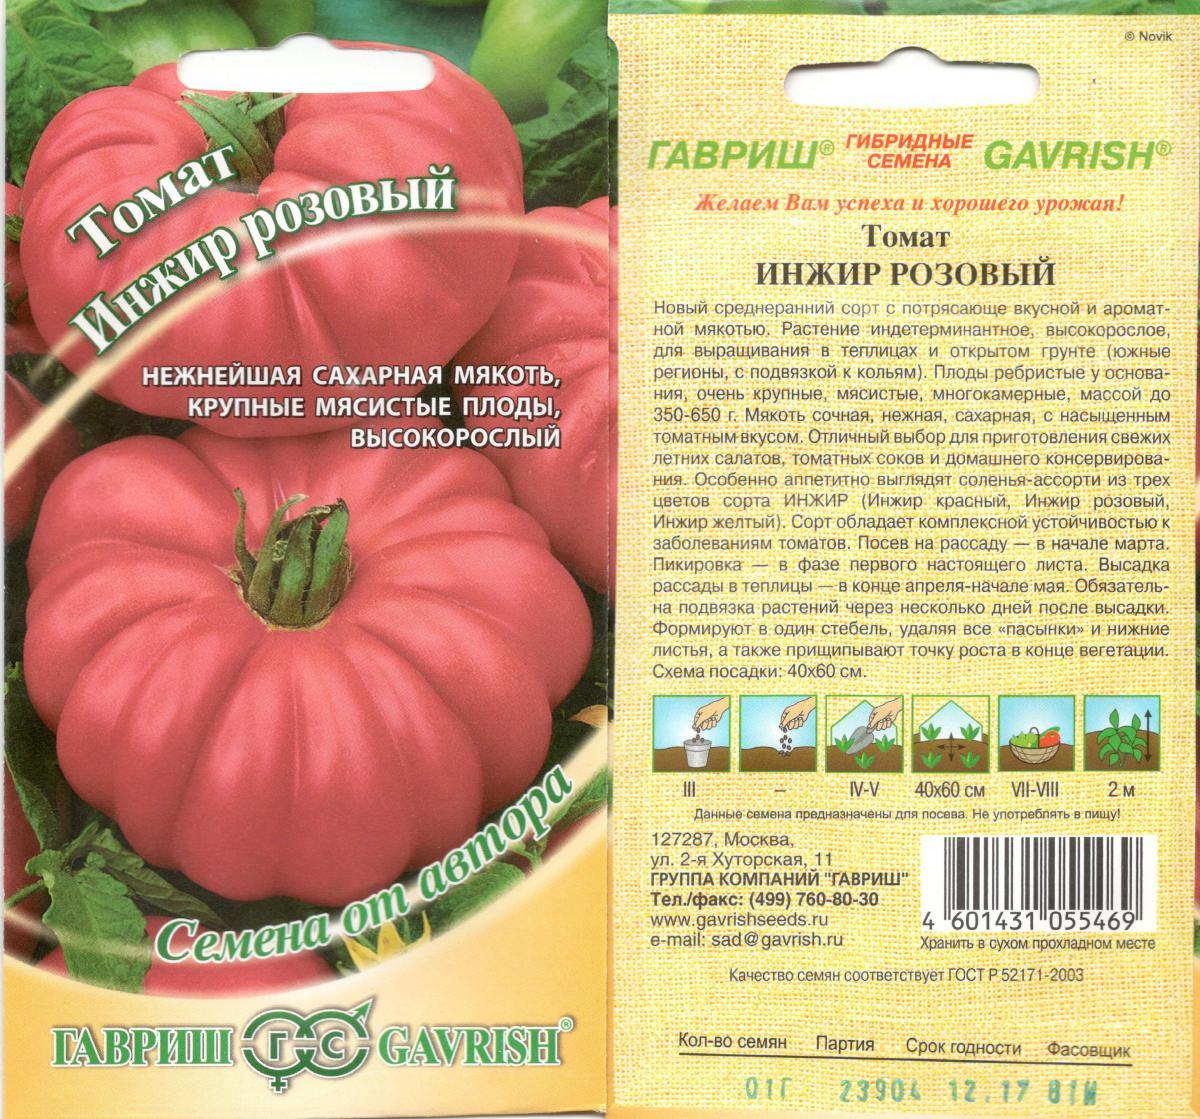 Лучшие сорта розовых томатов: самые крупные, вкусные и сладкие, урожайные, для теплицы, открытого грунта, ранние, отзывы о выращивании